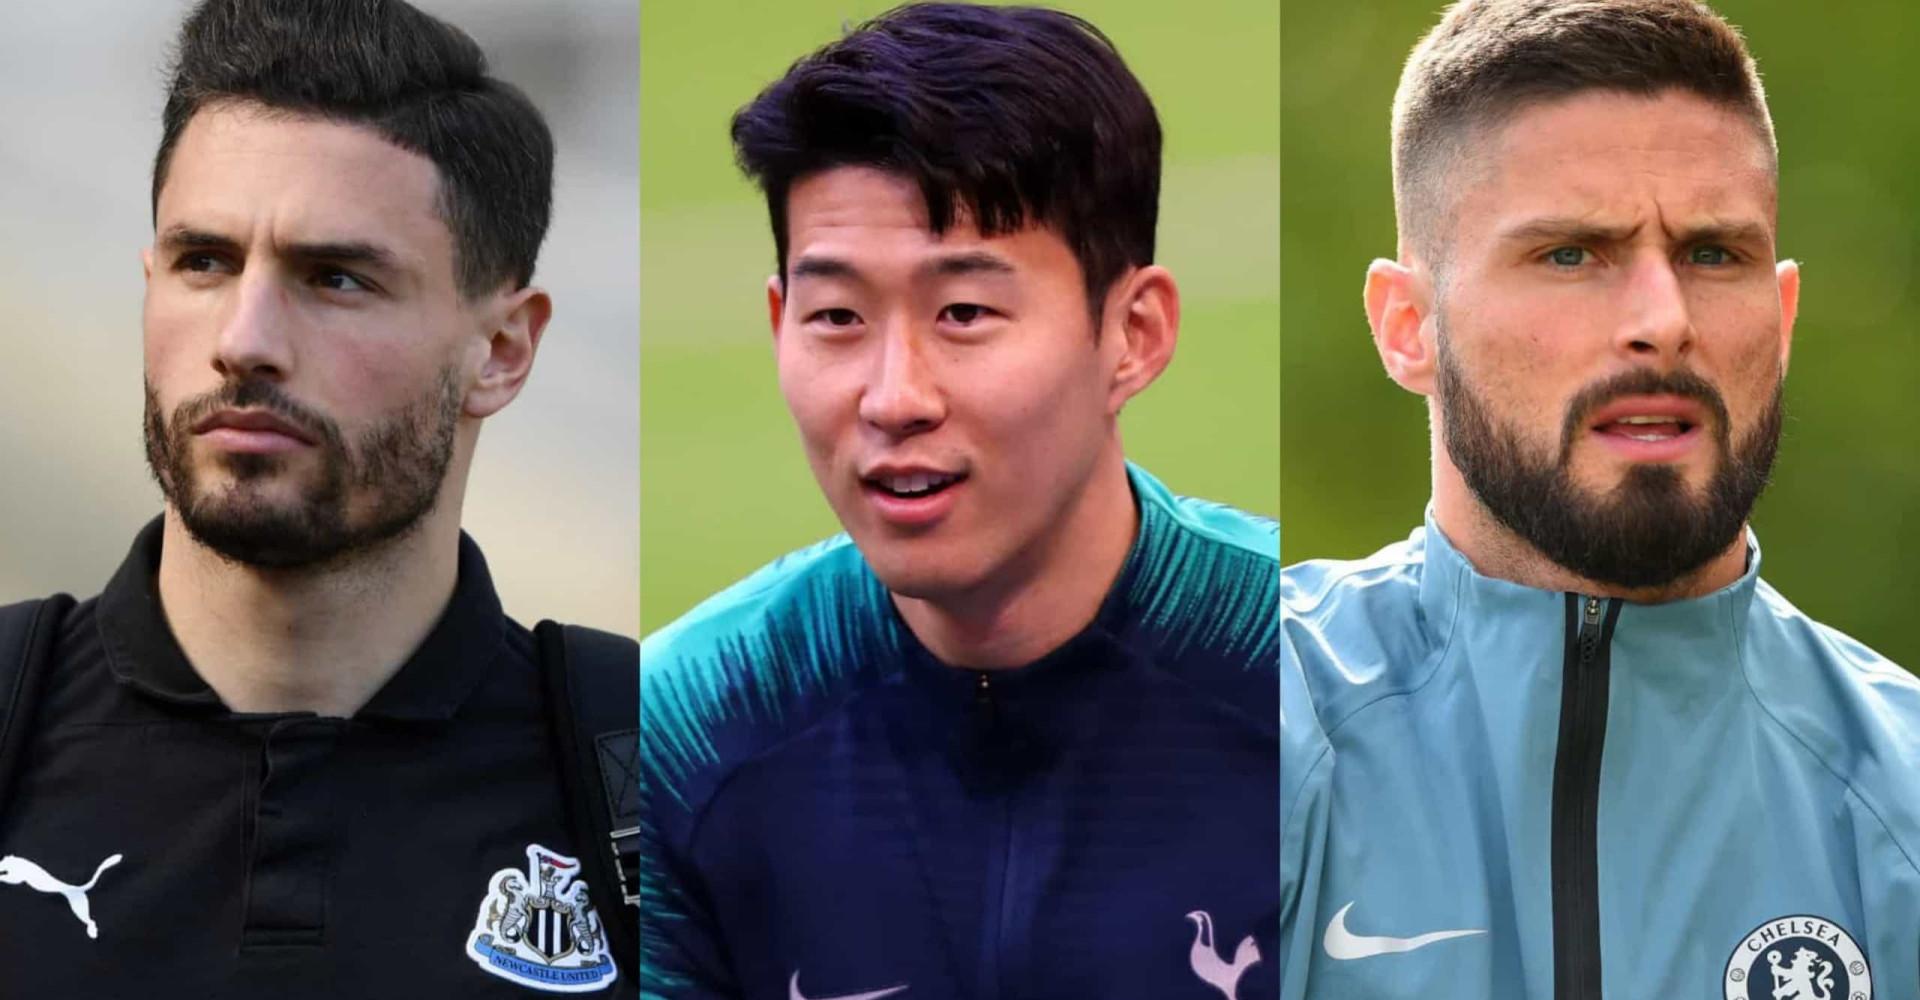 Les footballeurs les plus sexy de la saison 2019/2020